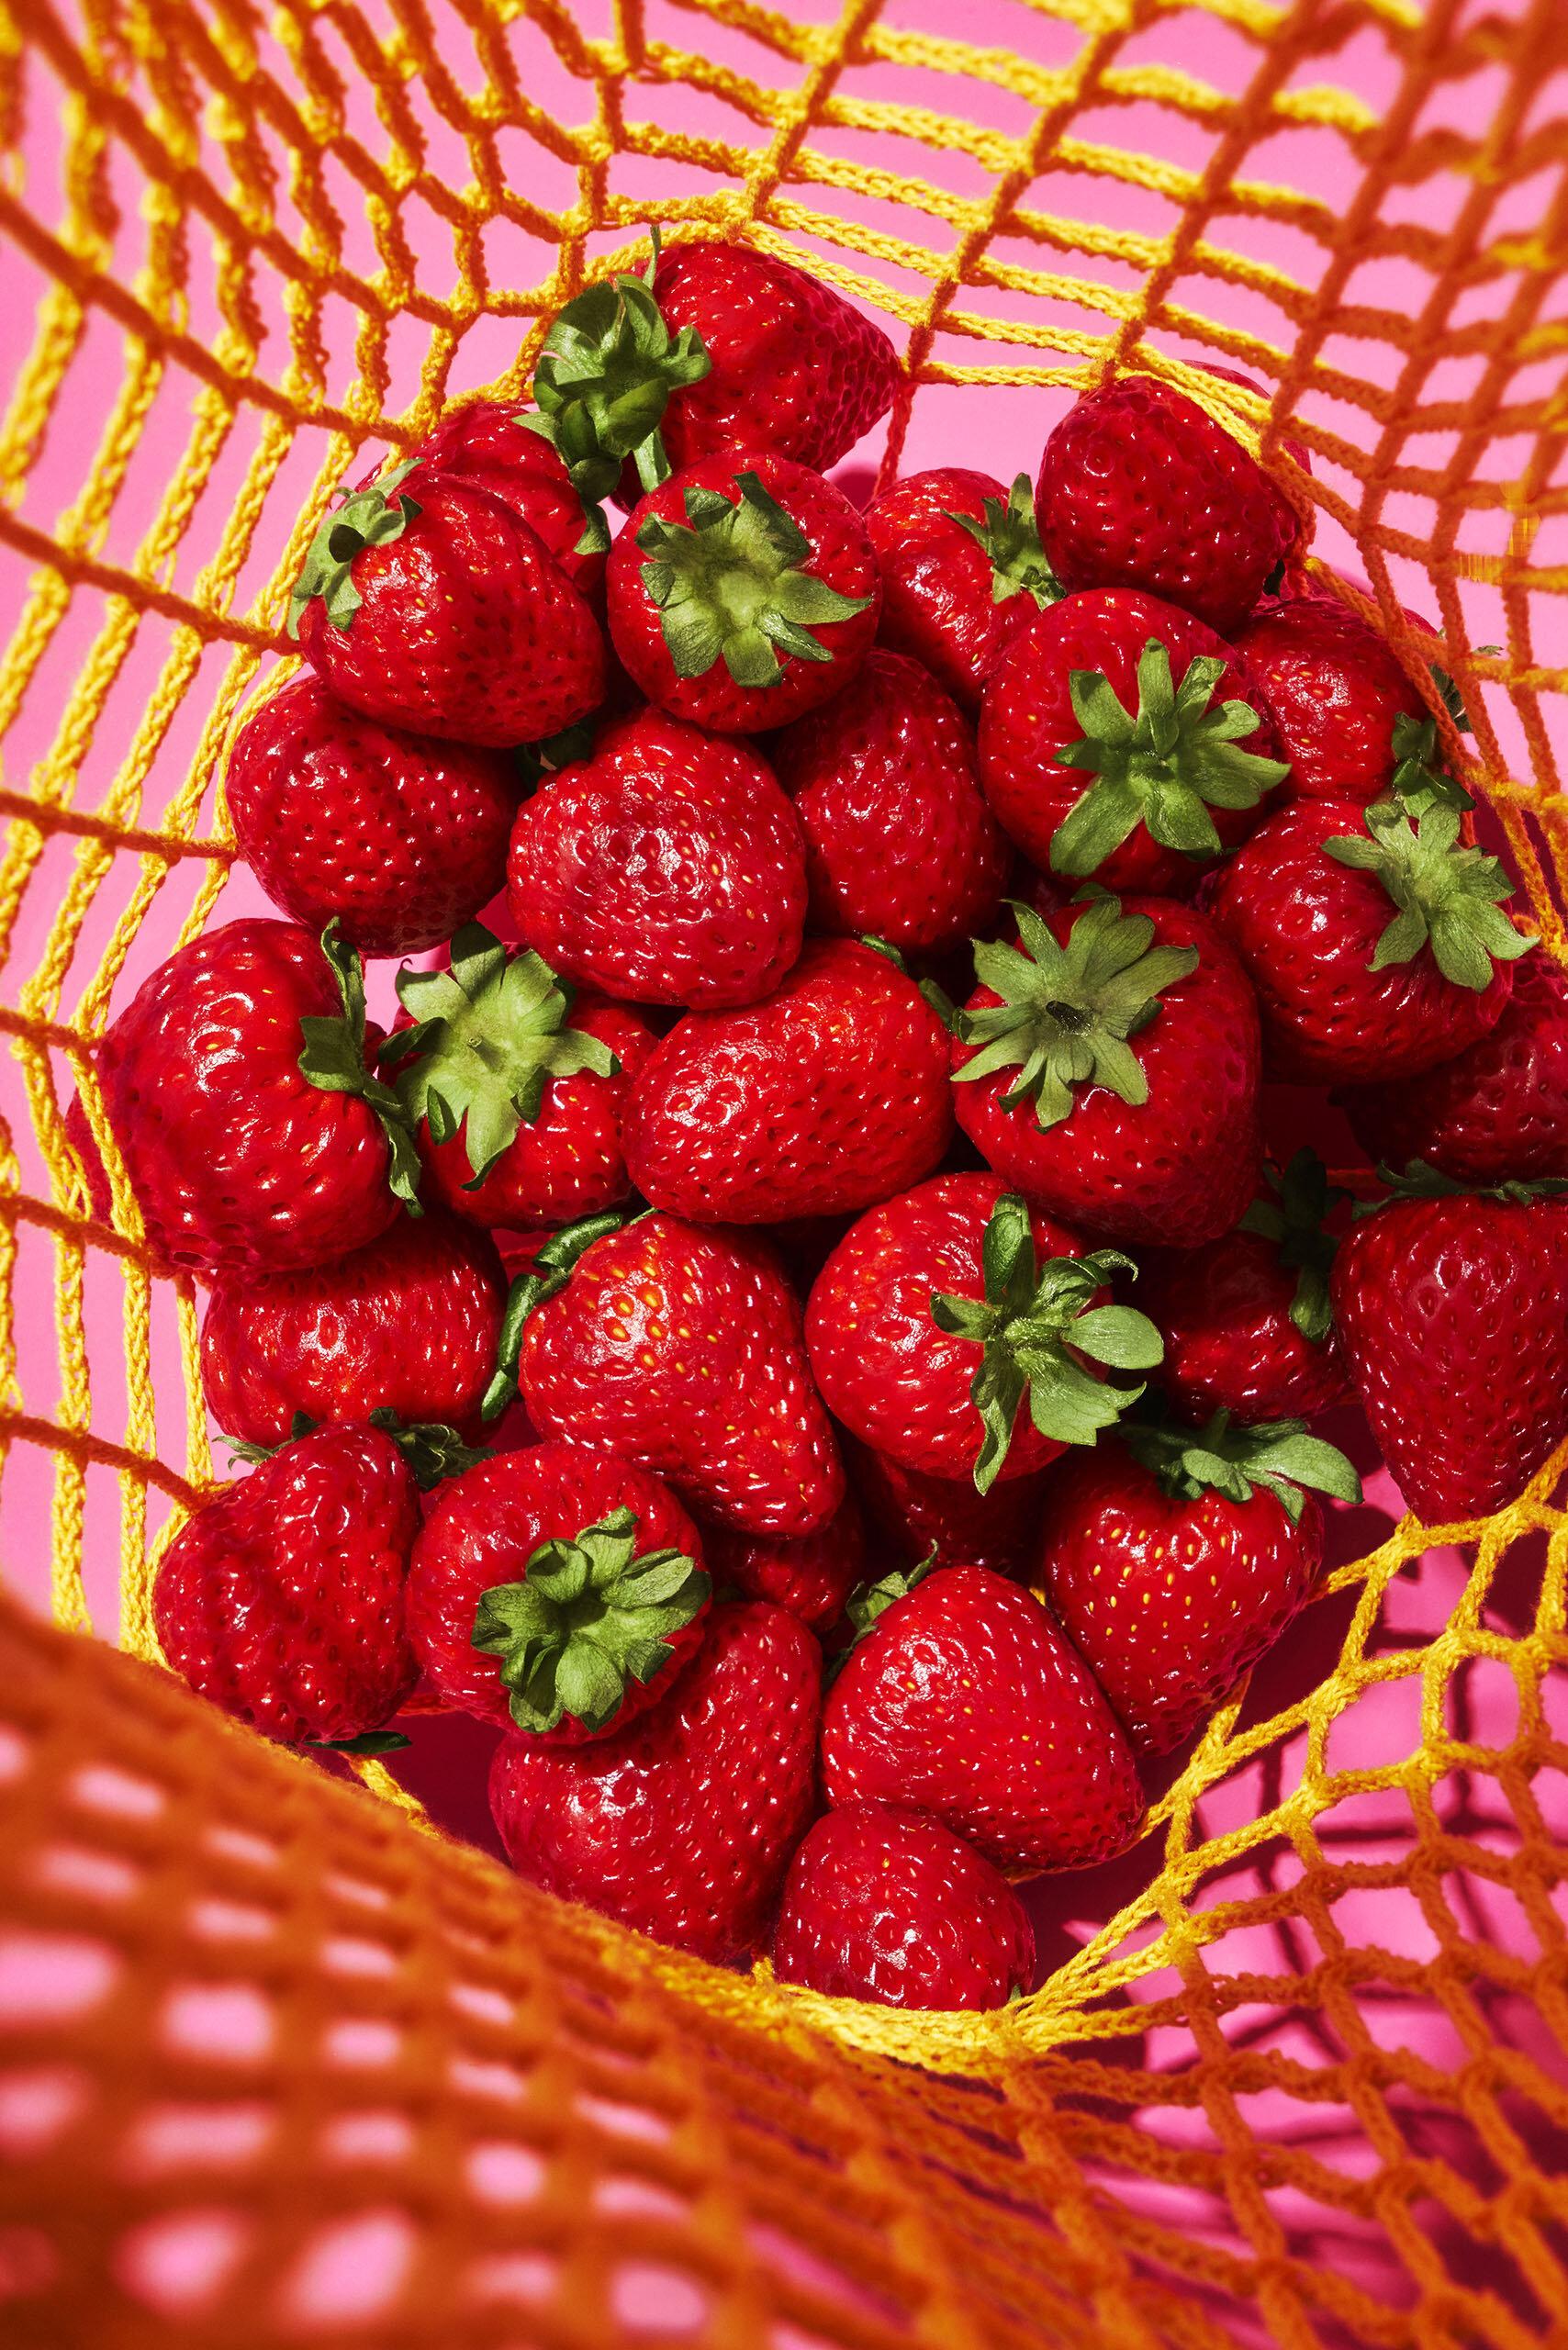 190529-PLENTY-StrawberryFull-0027_D.jpg